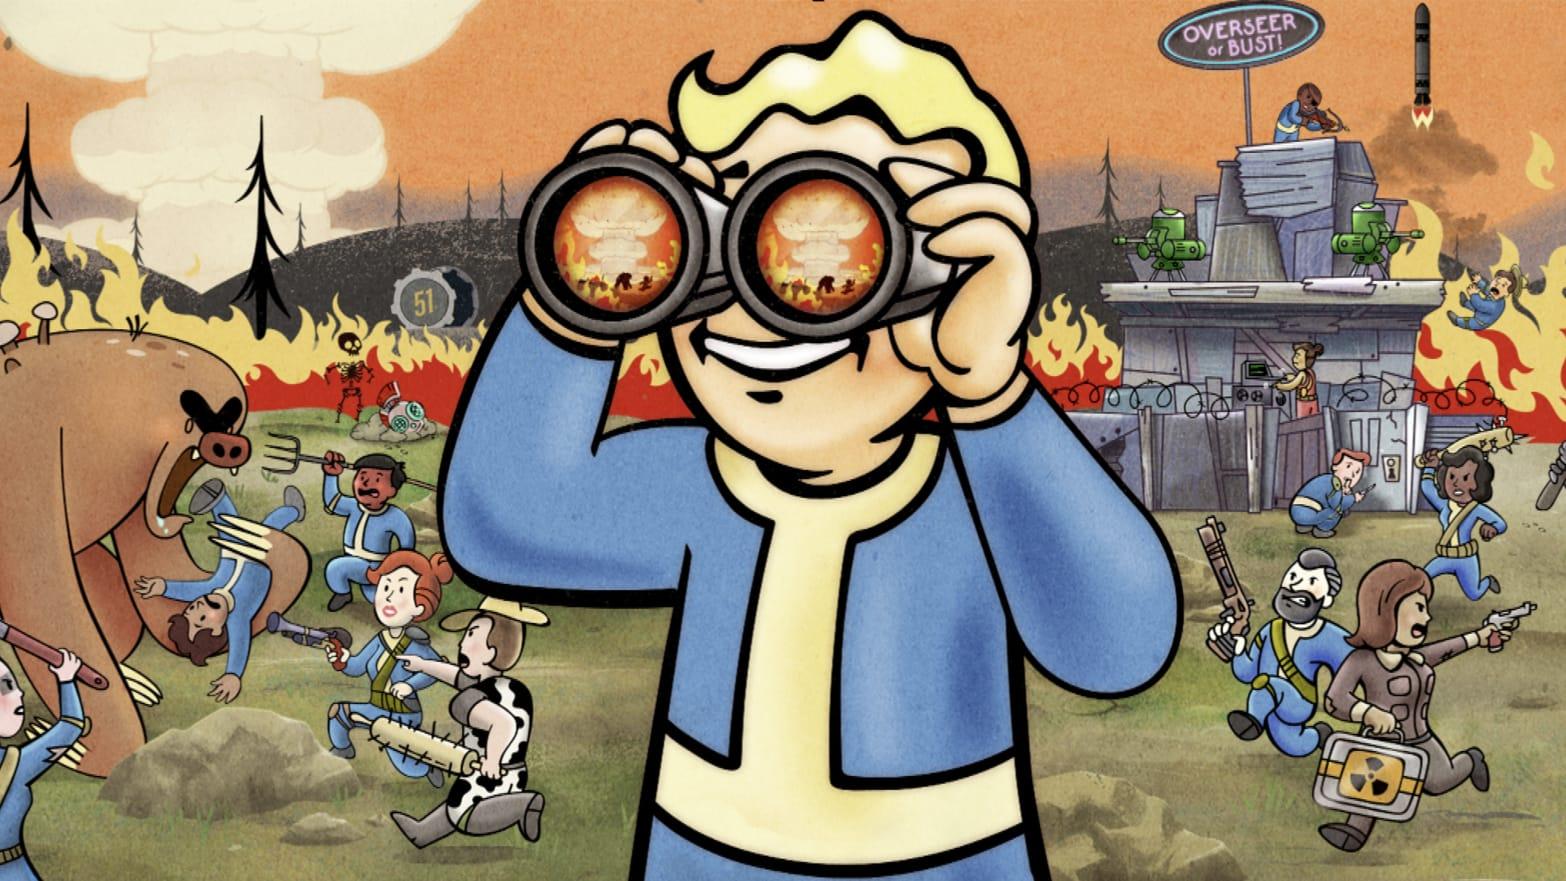 Bethesda S Fallout Class War Has Players Targeting Premium